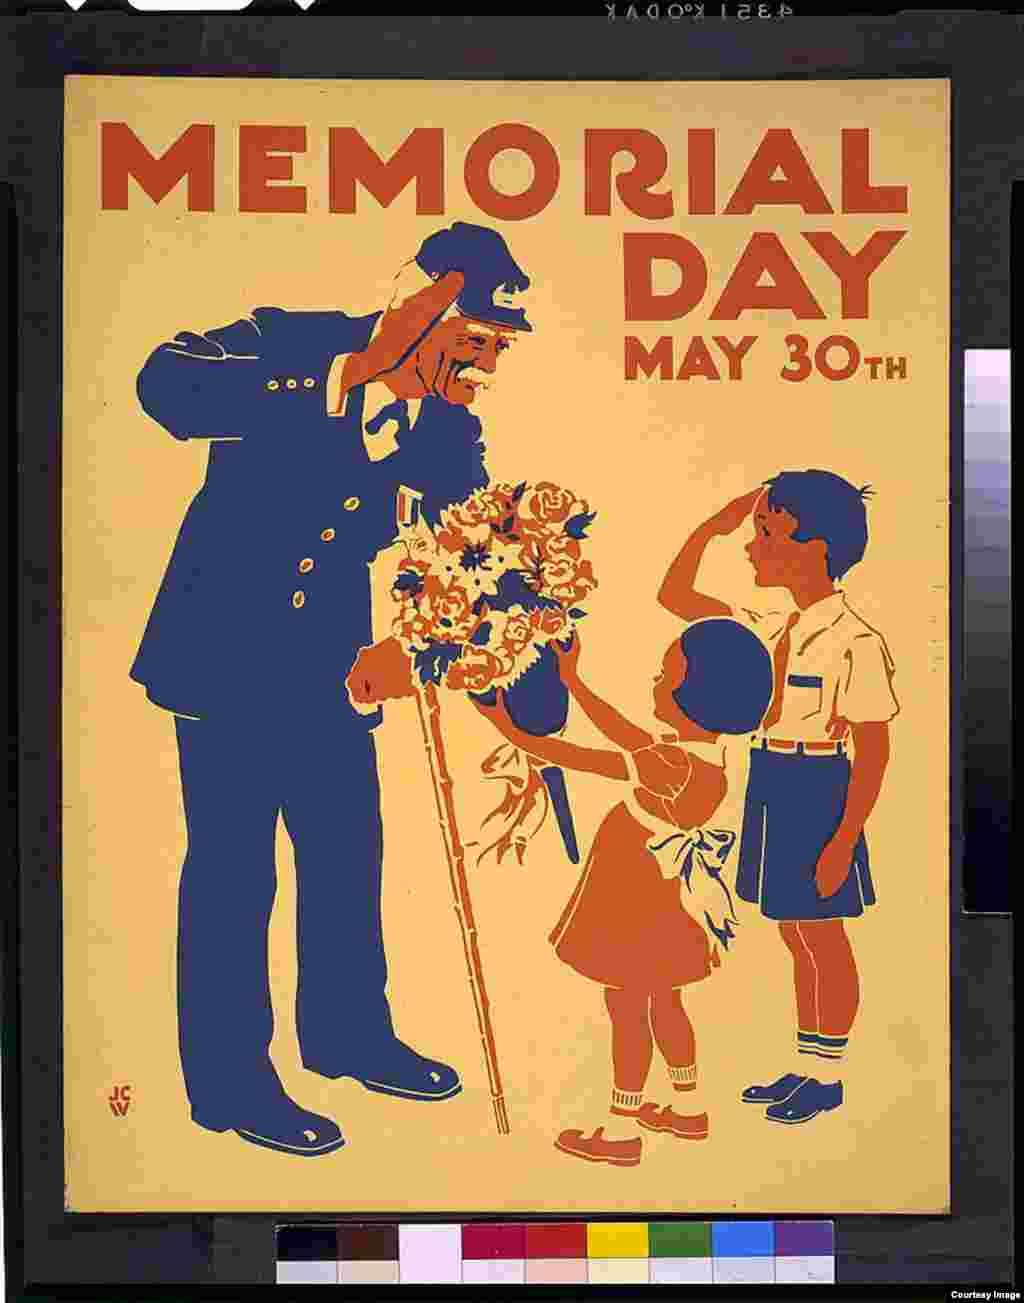 在海报上,男孩和老兵相互敬礼; 女孩献上鲜花。 (1936年或1937年的联邦艺术照片由)